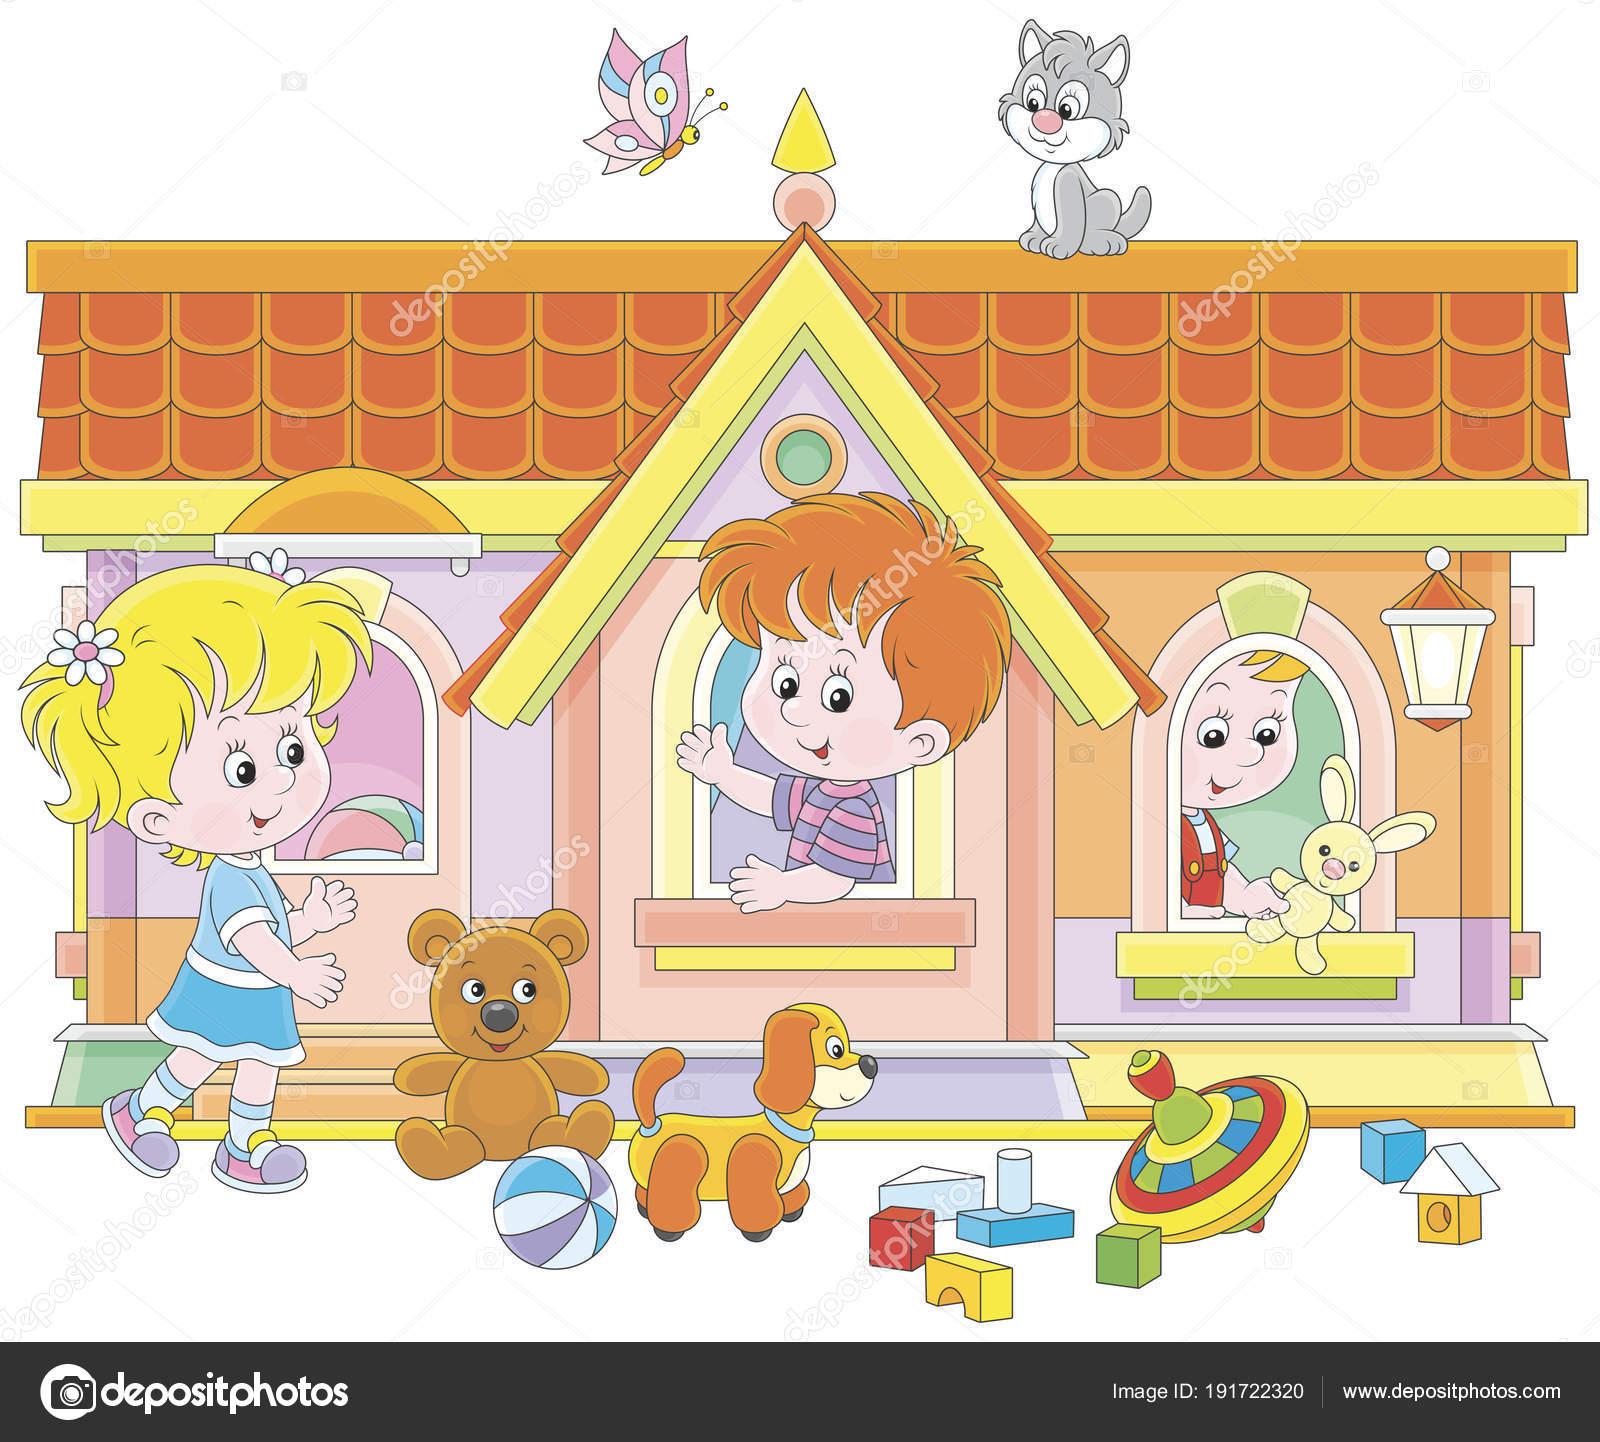 Los niños pequeños jugando en una casa de juguete en un patio, vector  ilustración en un estilo de dibujos animados - dibujos: casitas animadas  para niños ...